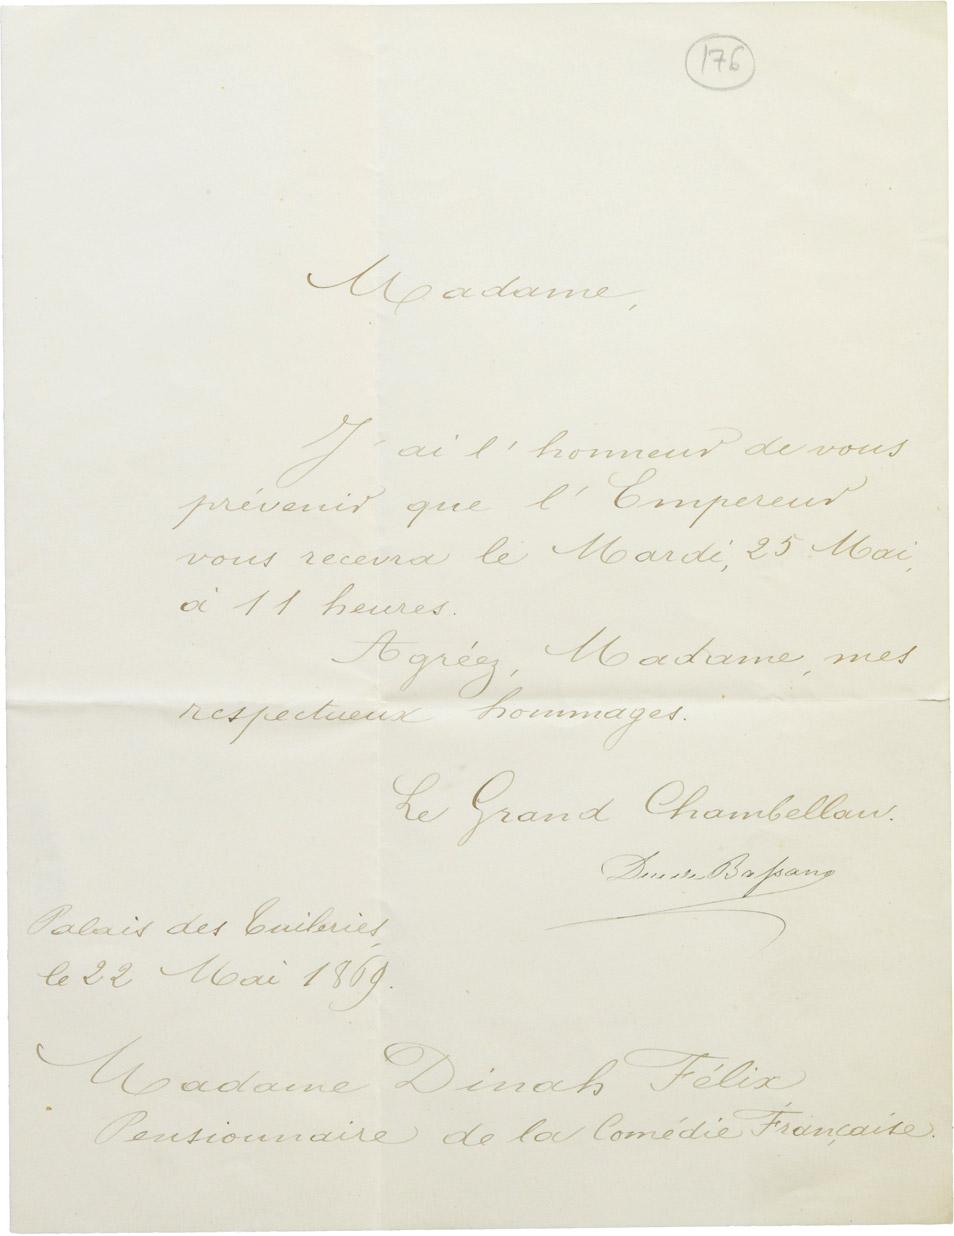 Invitation de Napoléon III à Dinah Félix - Patrimoine Charles-André COLONNA WALEWSKI, en ligne directe de Napoléon